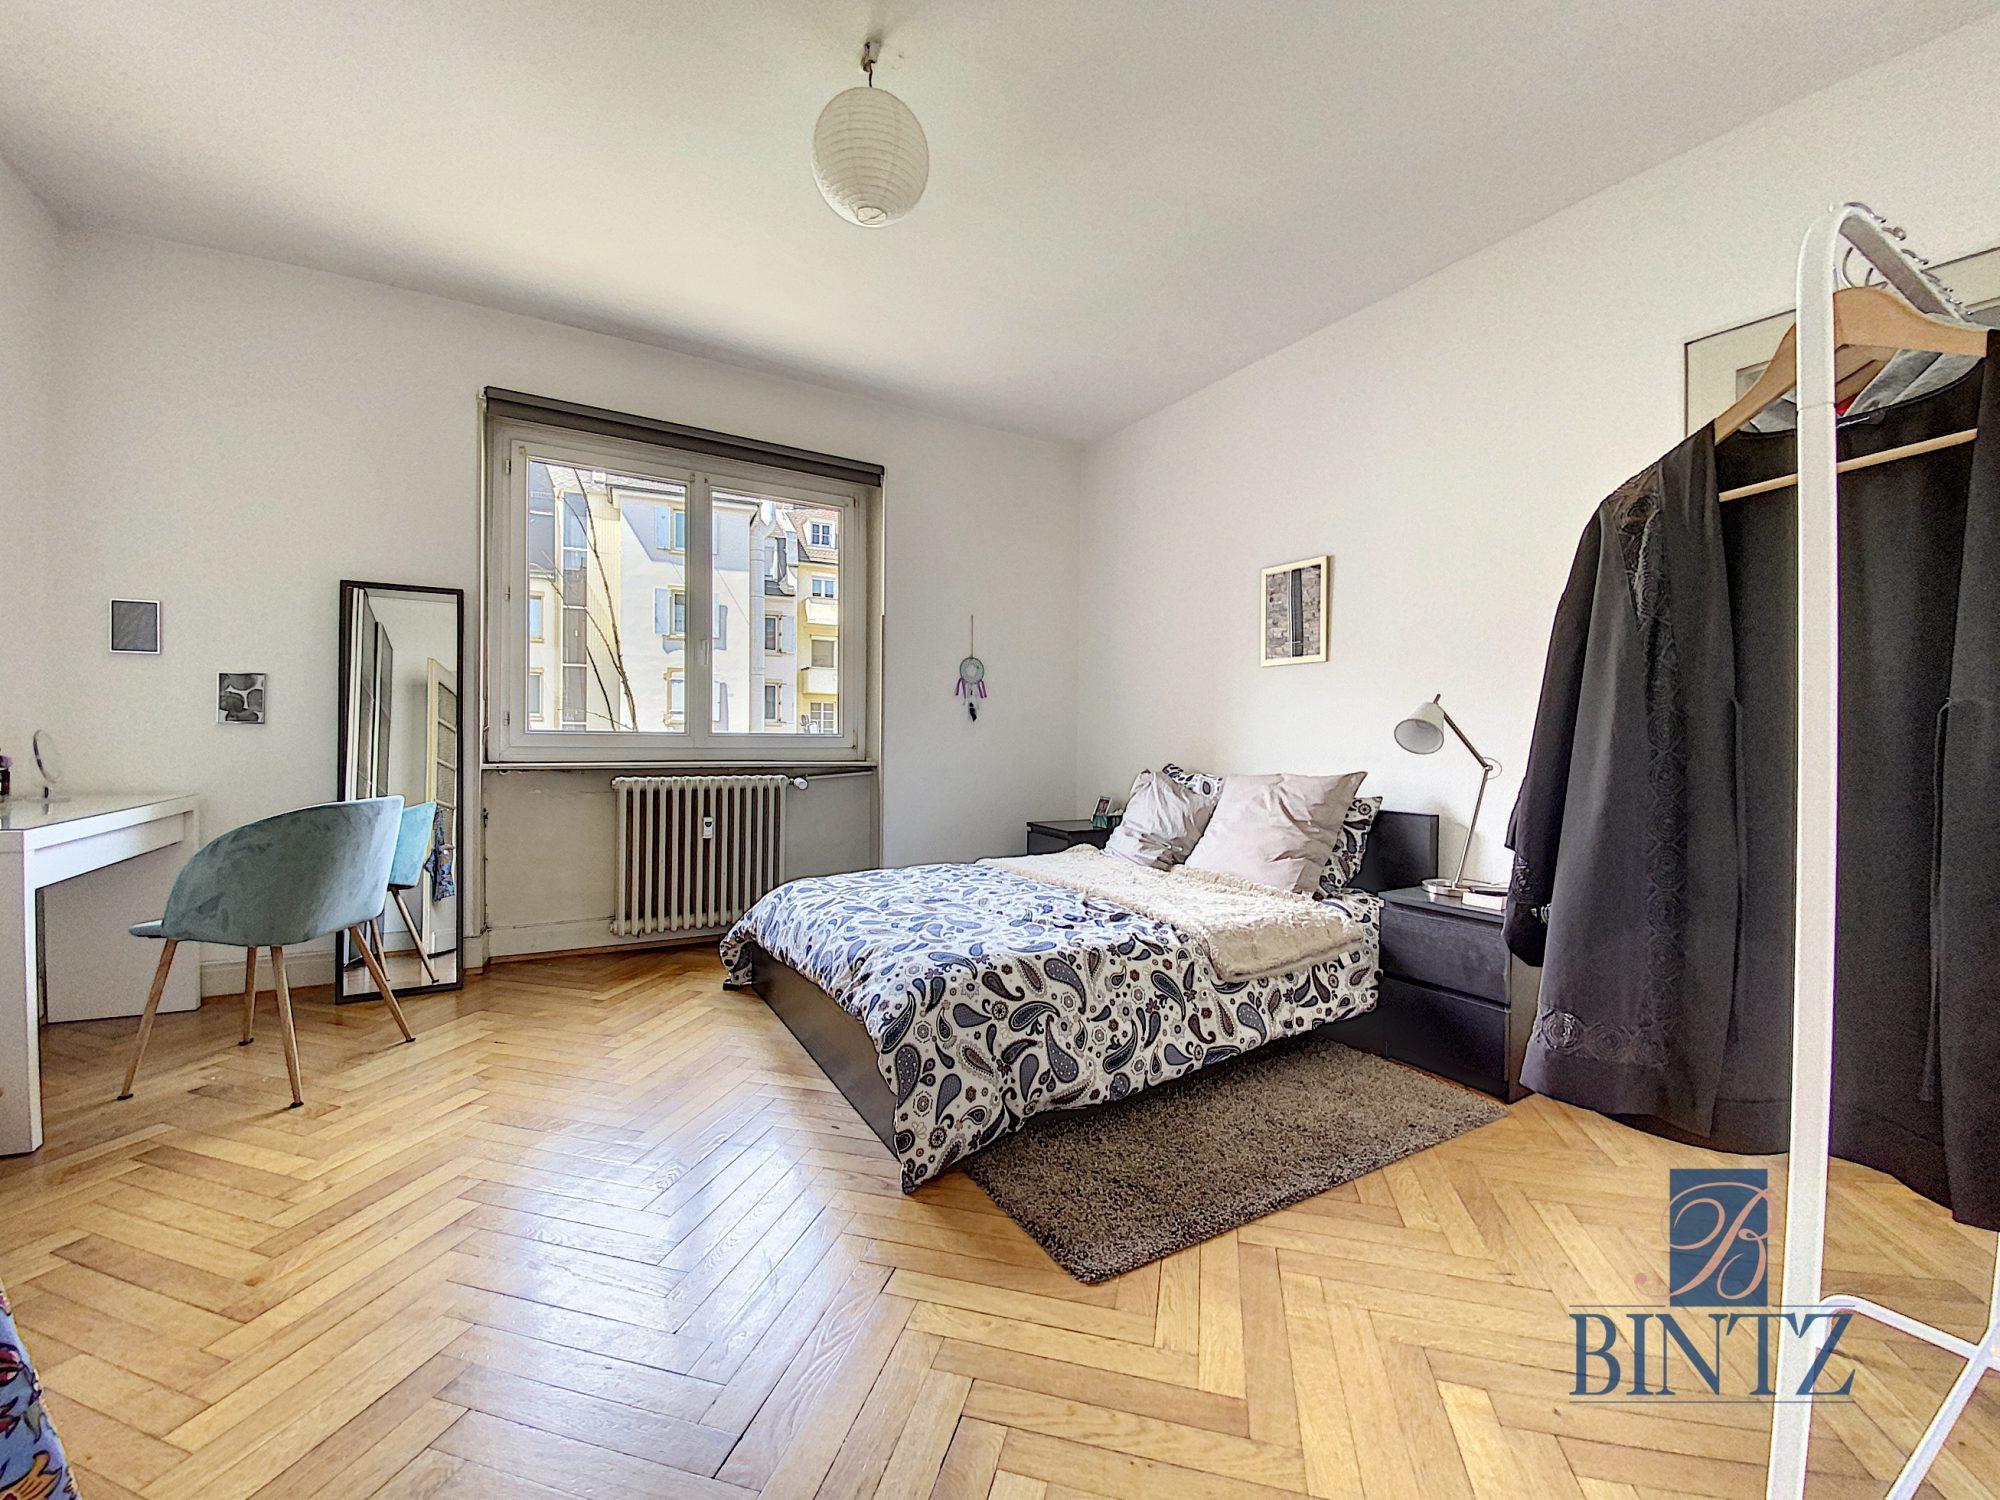 2 PIECES AVEC BALCON KRUTENAU - Devenez locataire en toute sérénité - Bintz Immobilier - 12